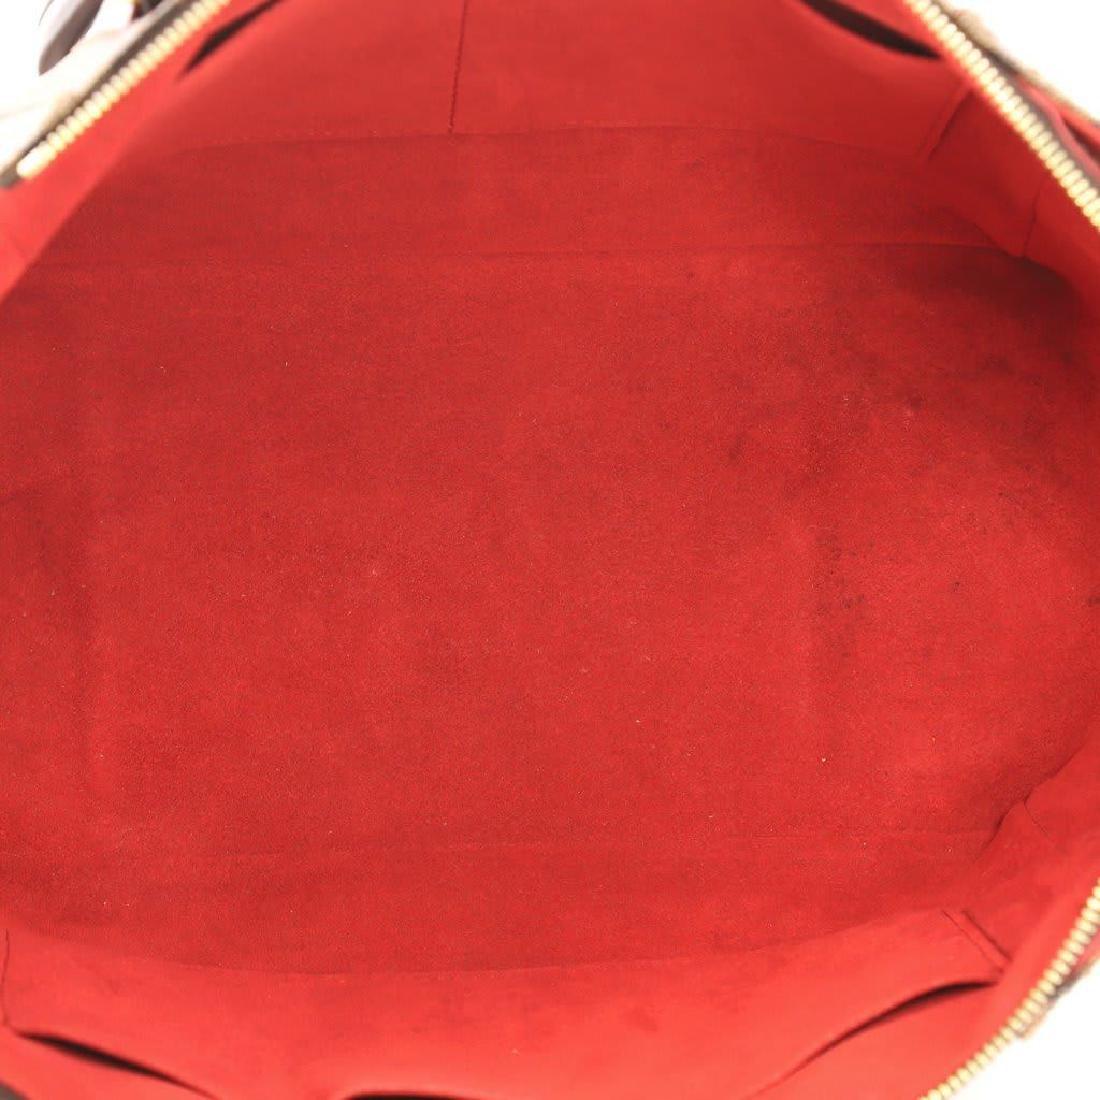 Louis Vuitton Caissa Damier Red Shoulder Bag - 7